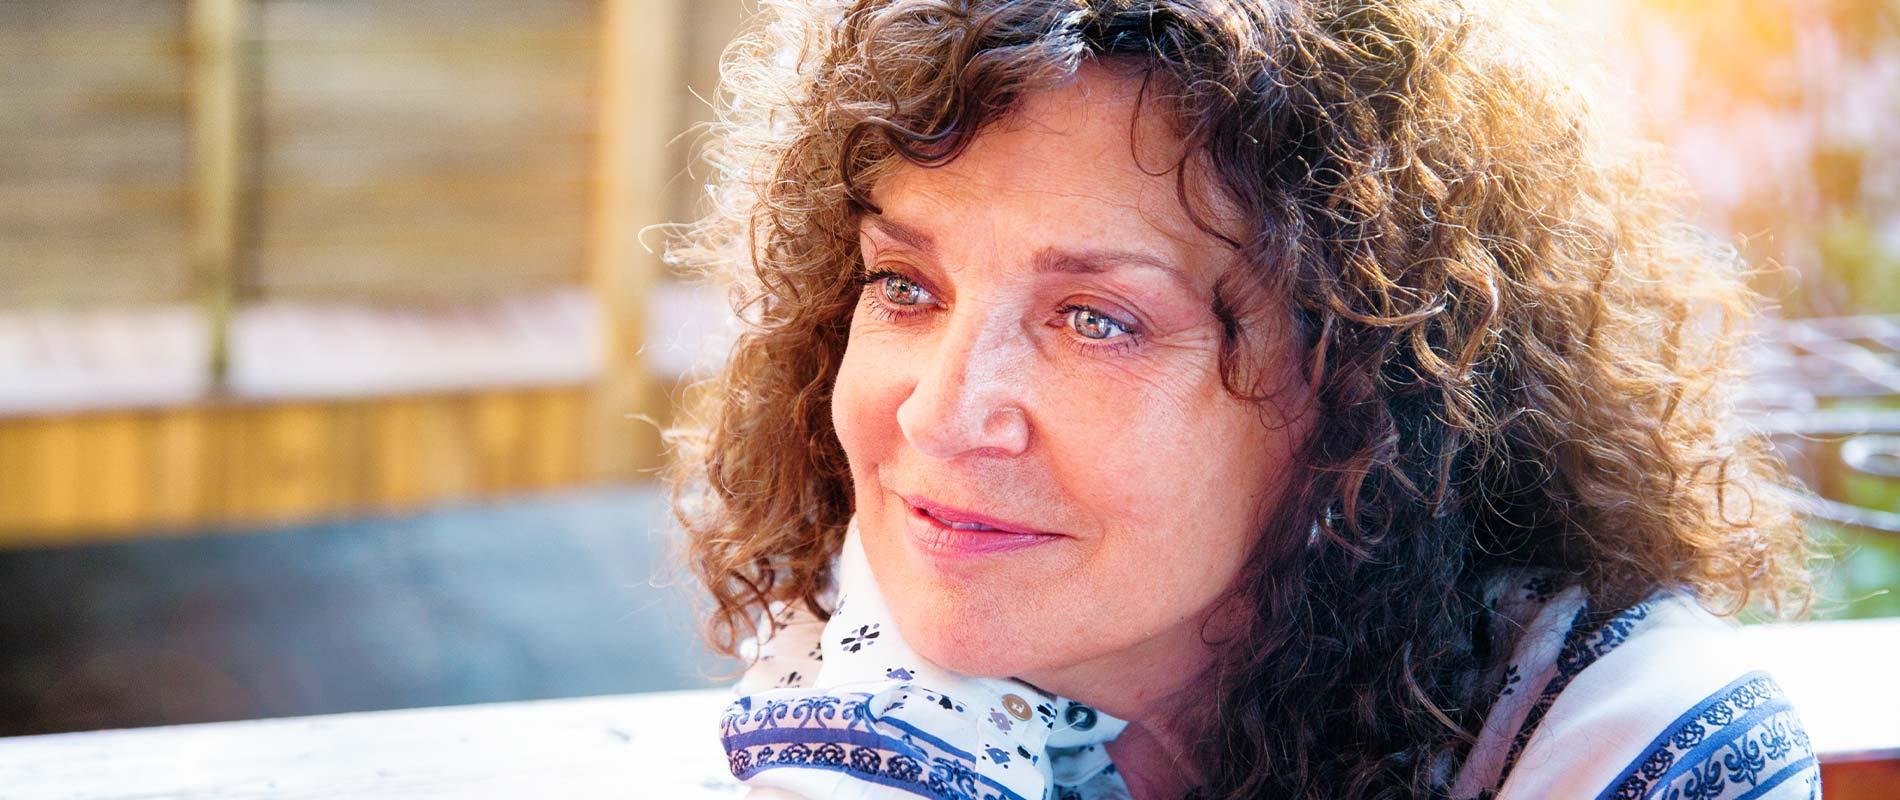 Dank Anti Aging Hannover lächelt eine Frau natürlich ohne Falten